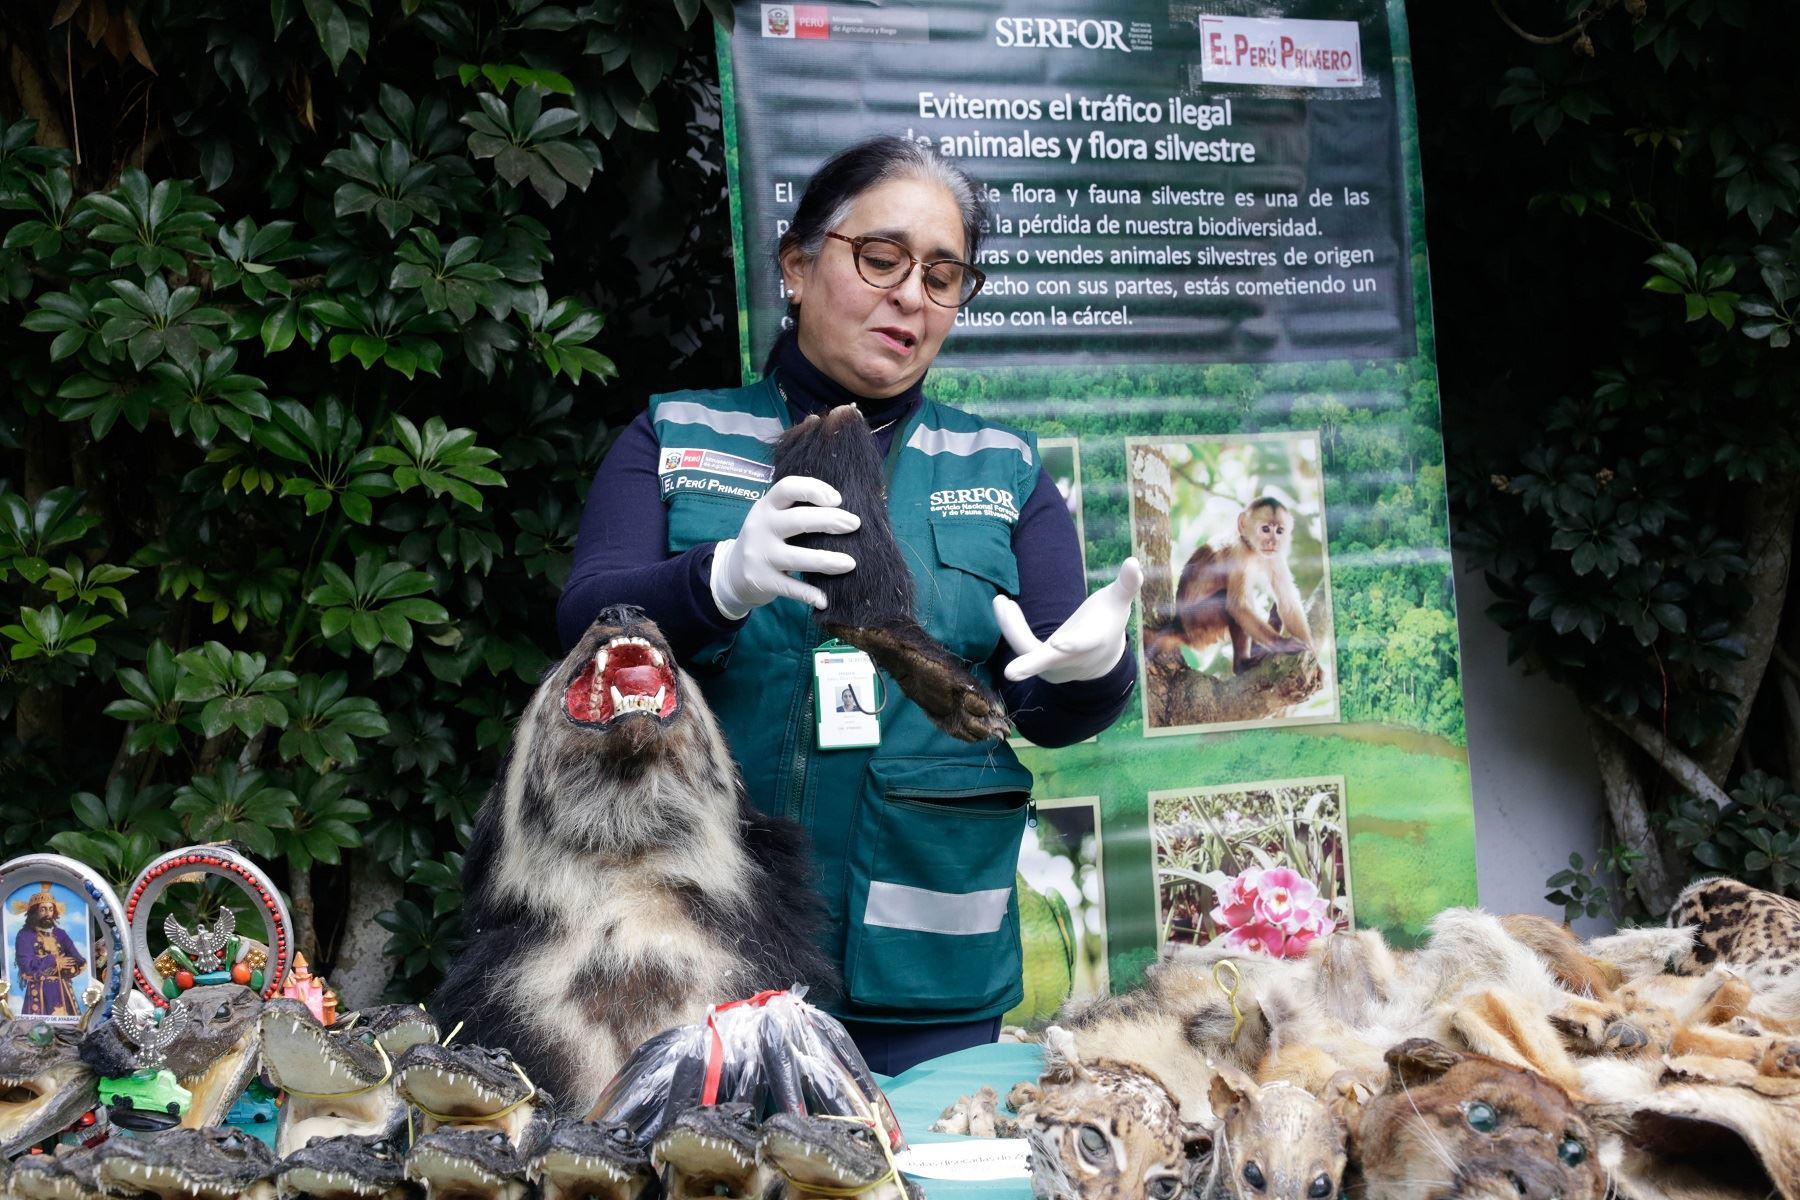 Decomiso de partes de animales silvestres disecadas realizado por personal del Serfor, la Policía Nacional y el Ministerio Público.